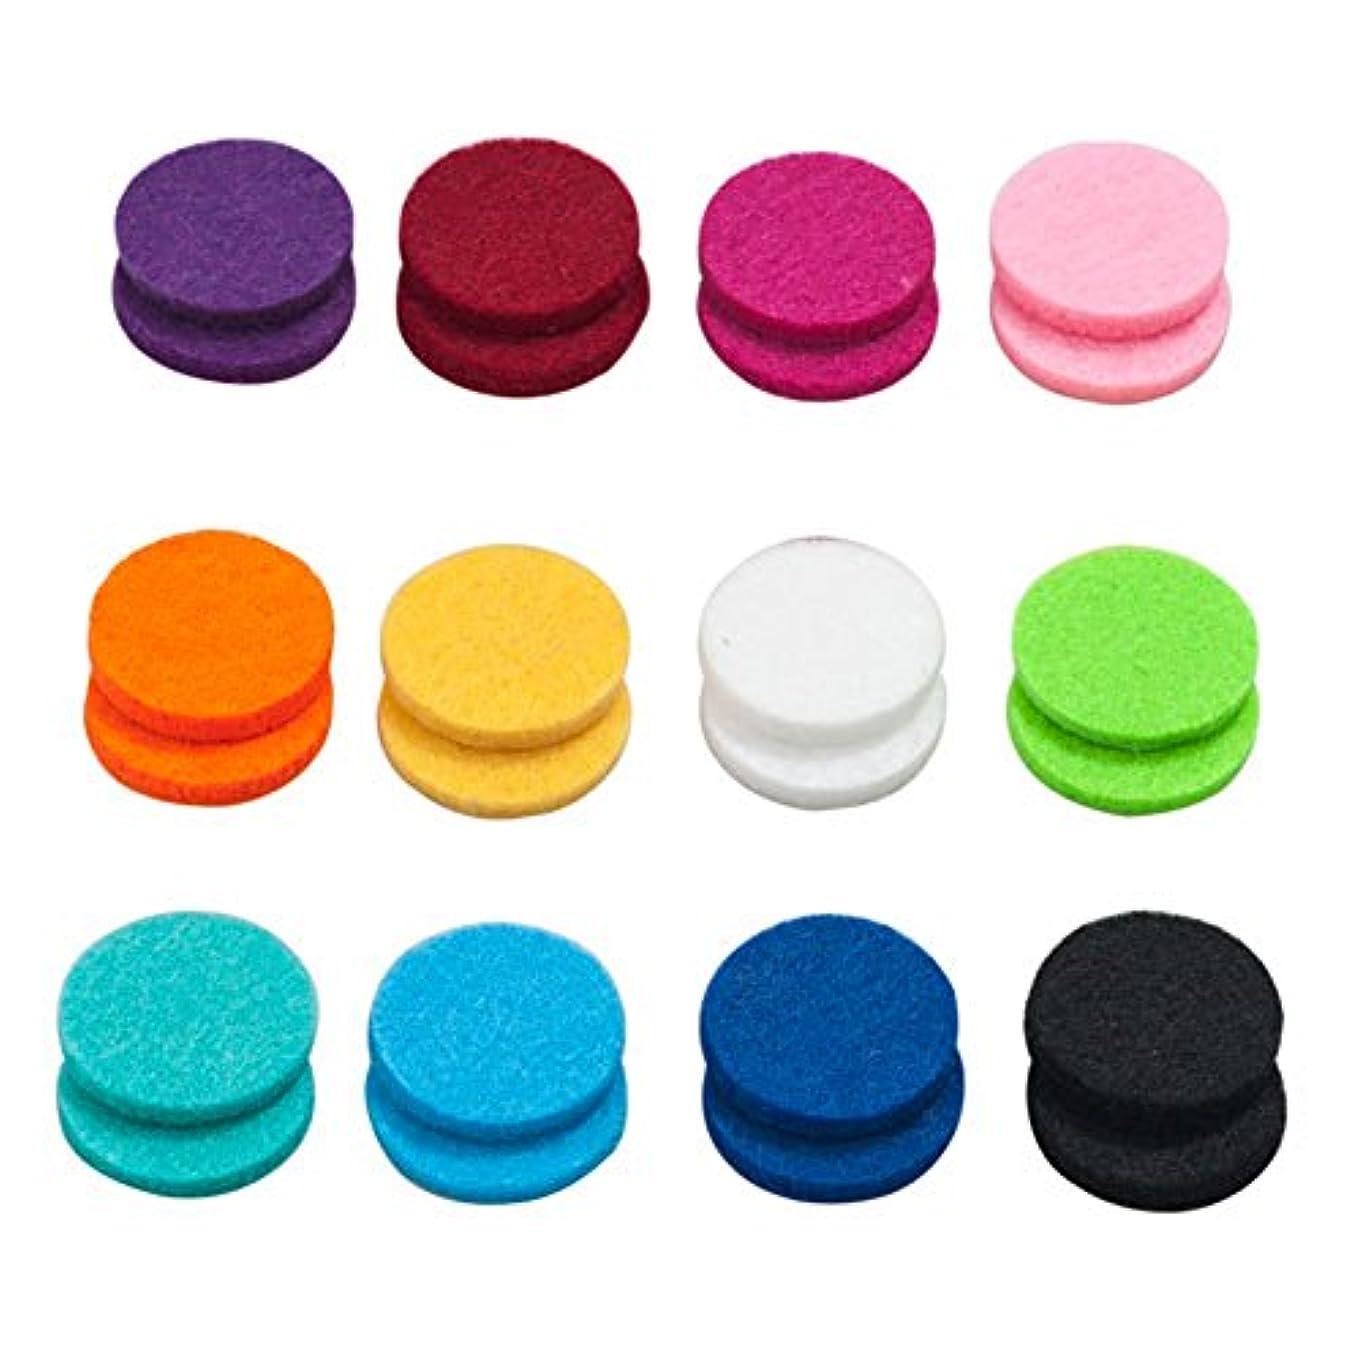 隠す柔らかい金曜日lovelycharms Aromatherapy Essential Oil DiffuserネックレスRefill Pads for 30 mmロケットネックレス